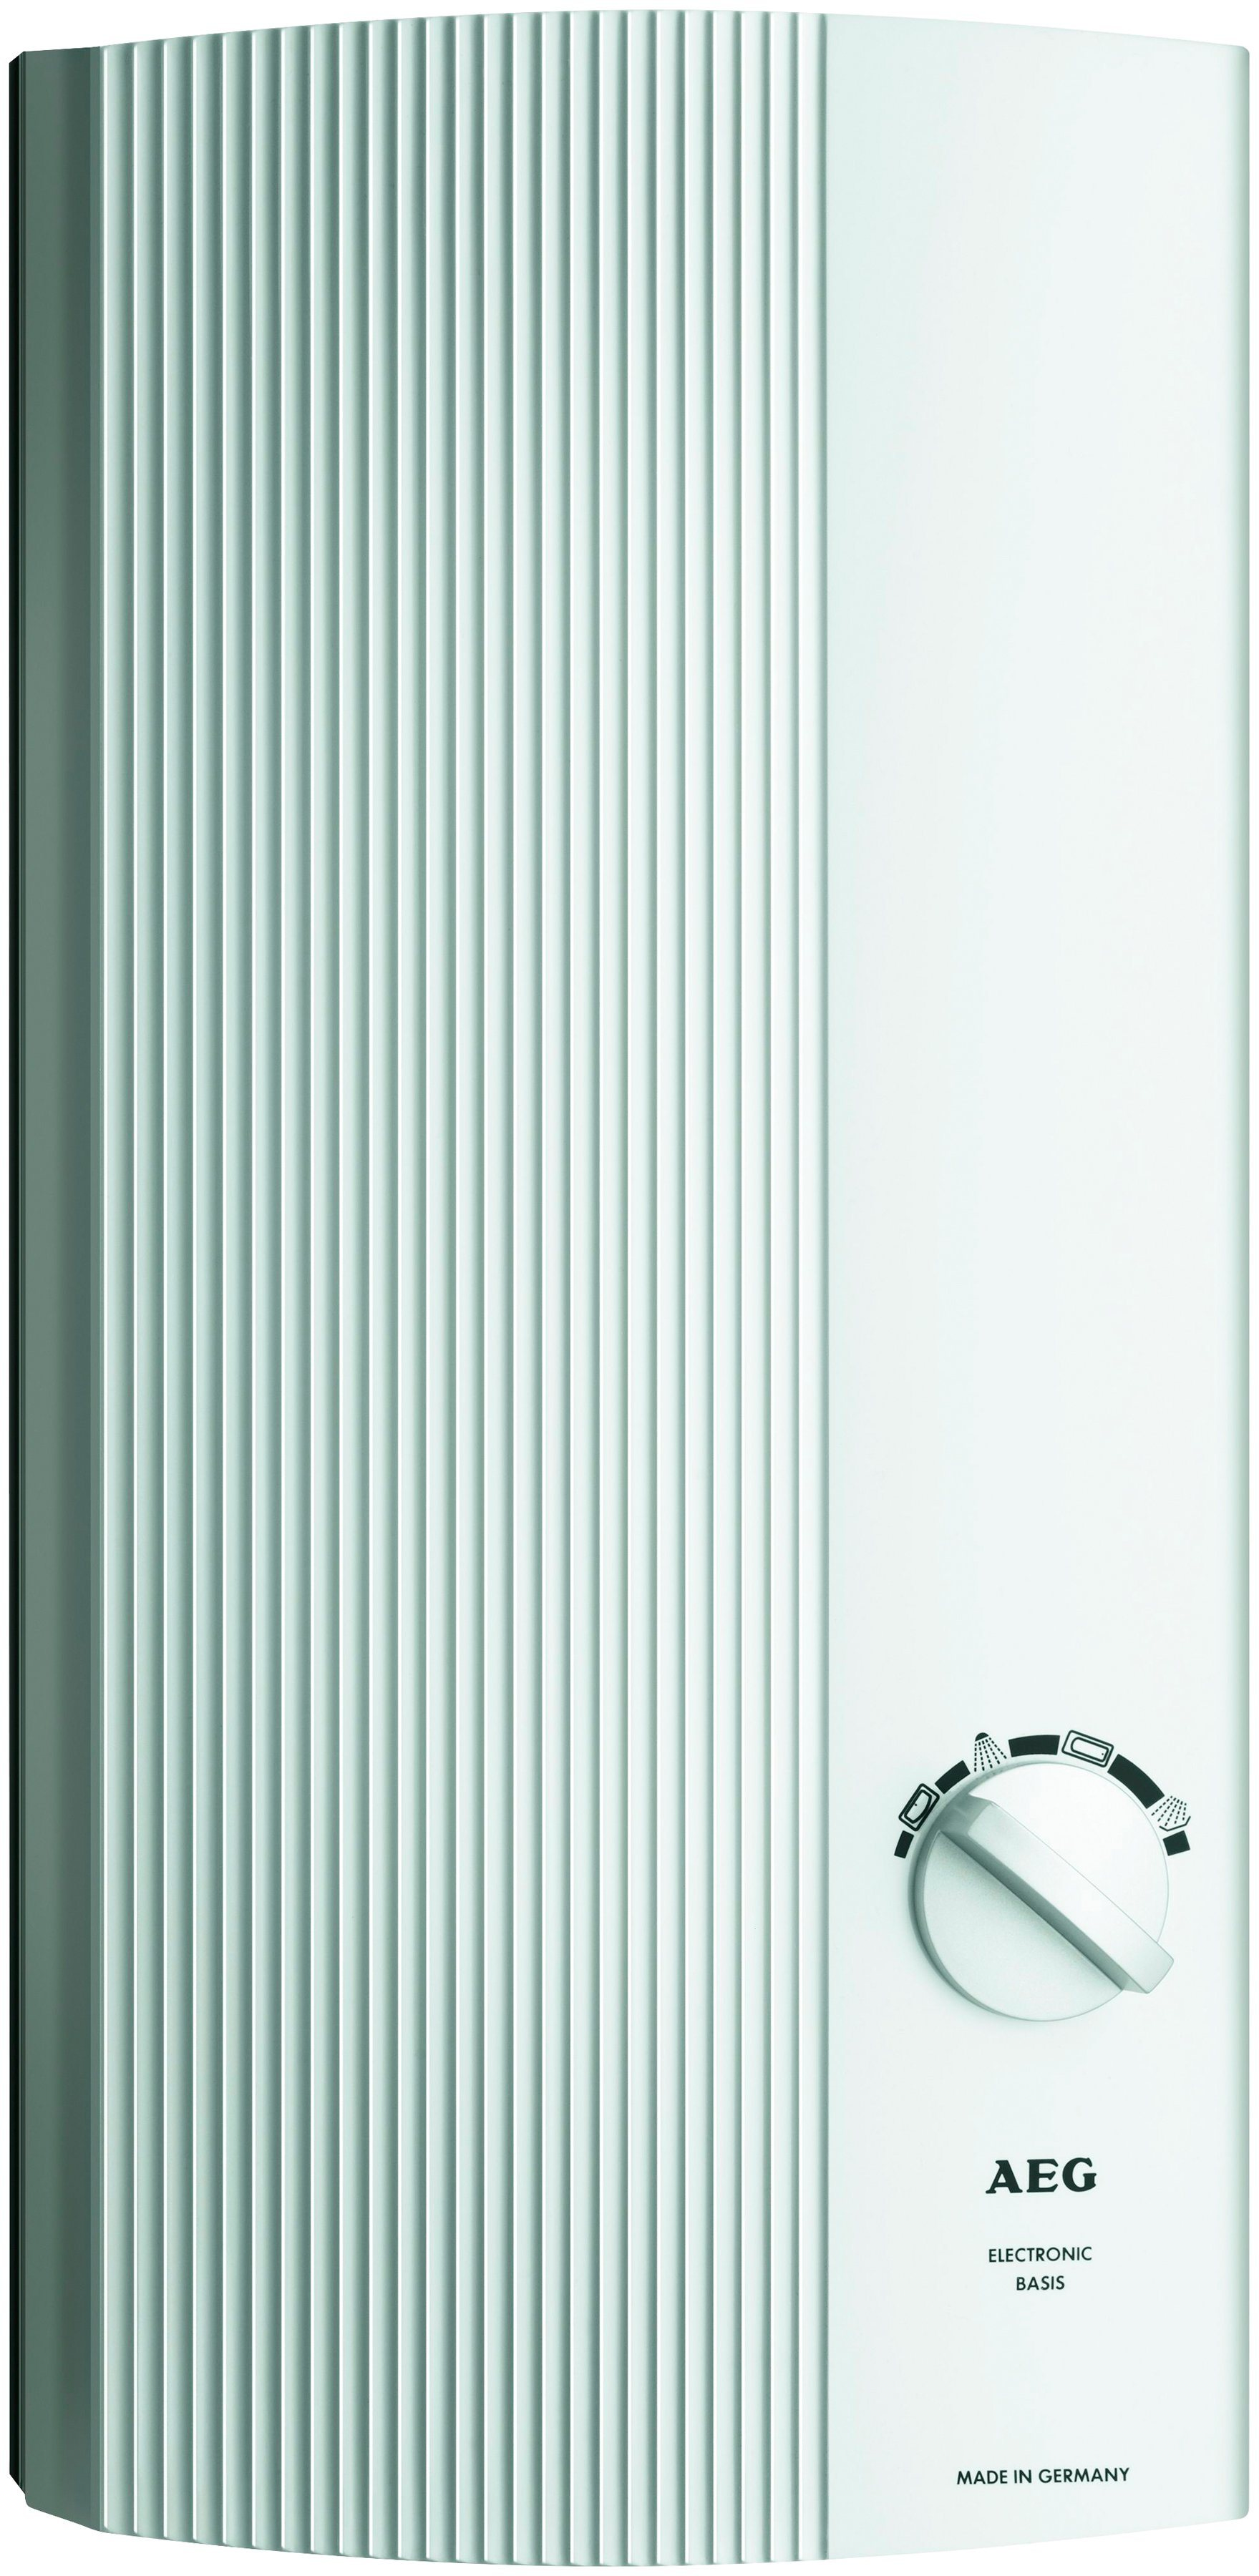 AEG Durchlauferhitzer »DDLE-BASIS 18/21/24« | Baumarkt > Heizung und Klima > Durchlauferhitzer | AEG